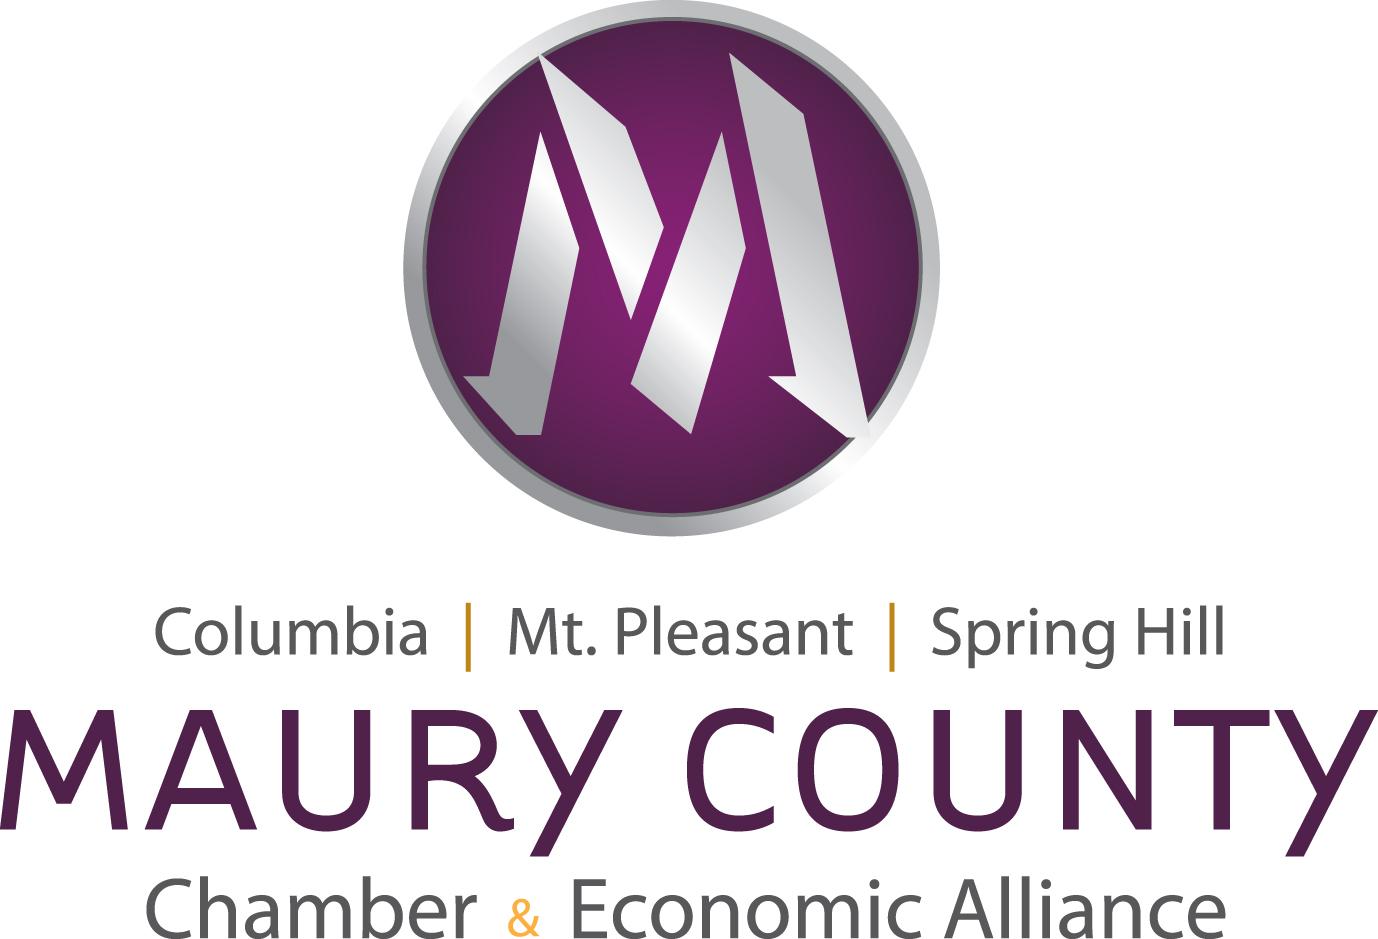 Bildergebnis für maury county chamber